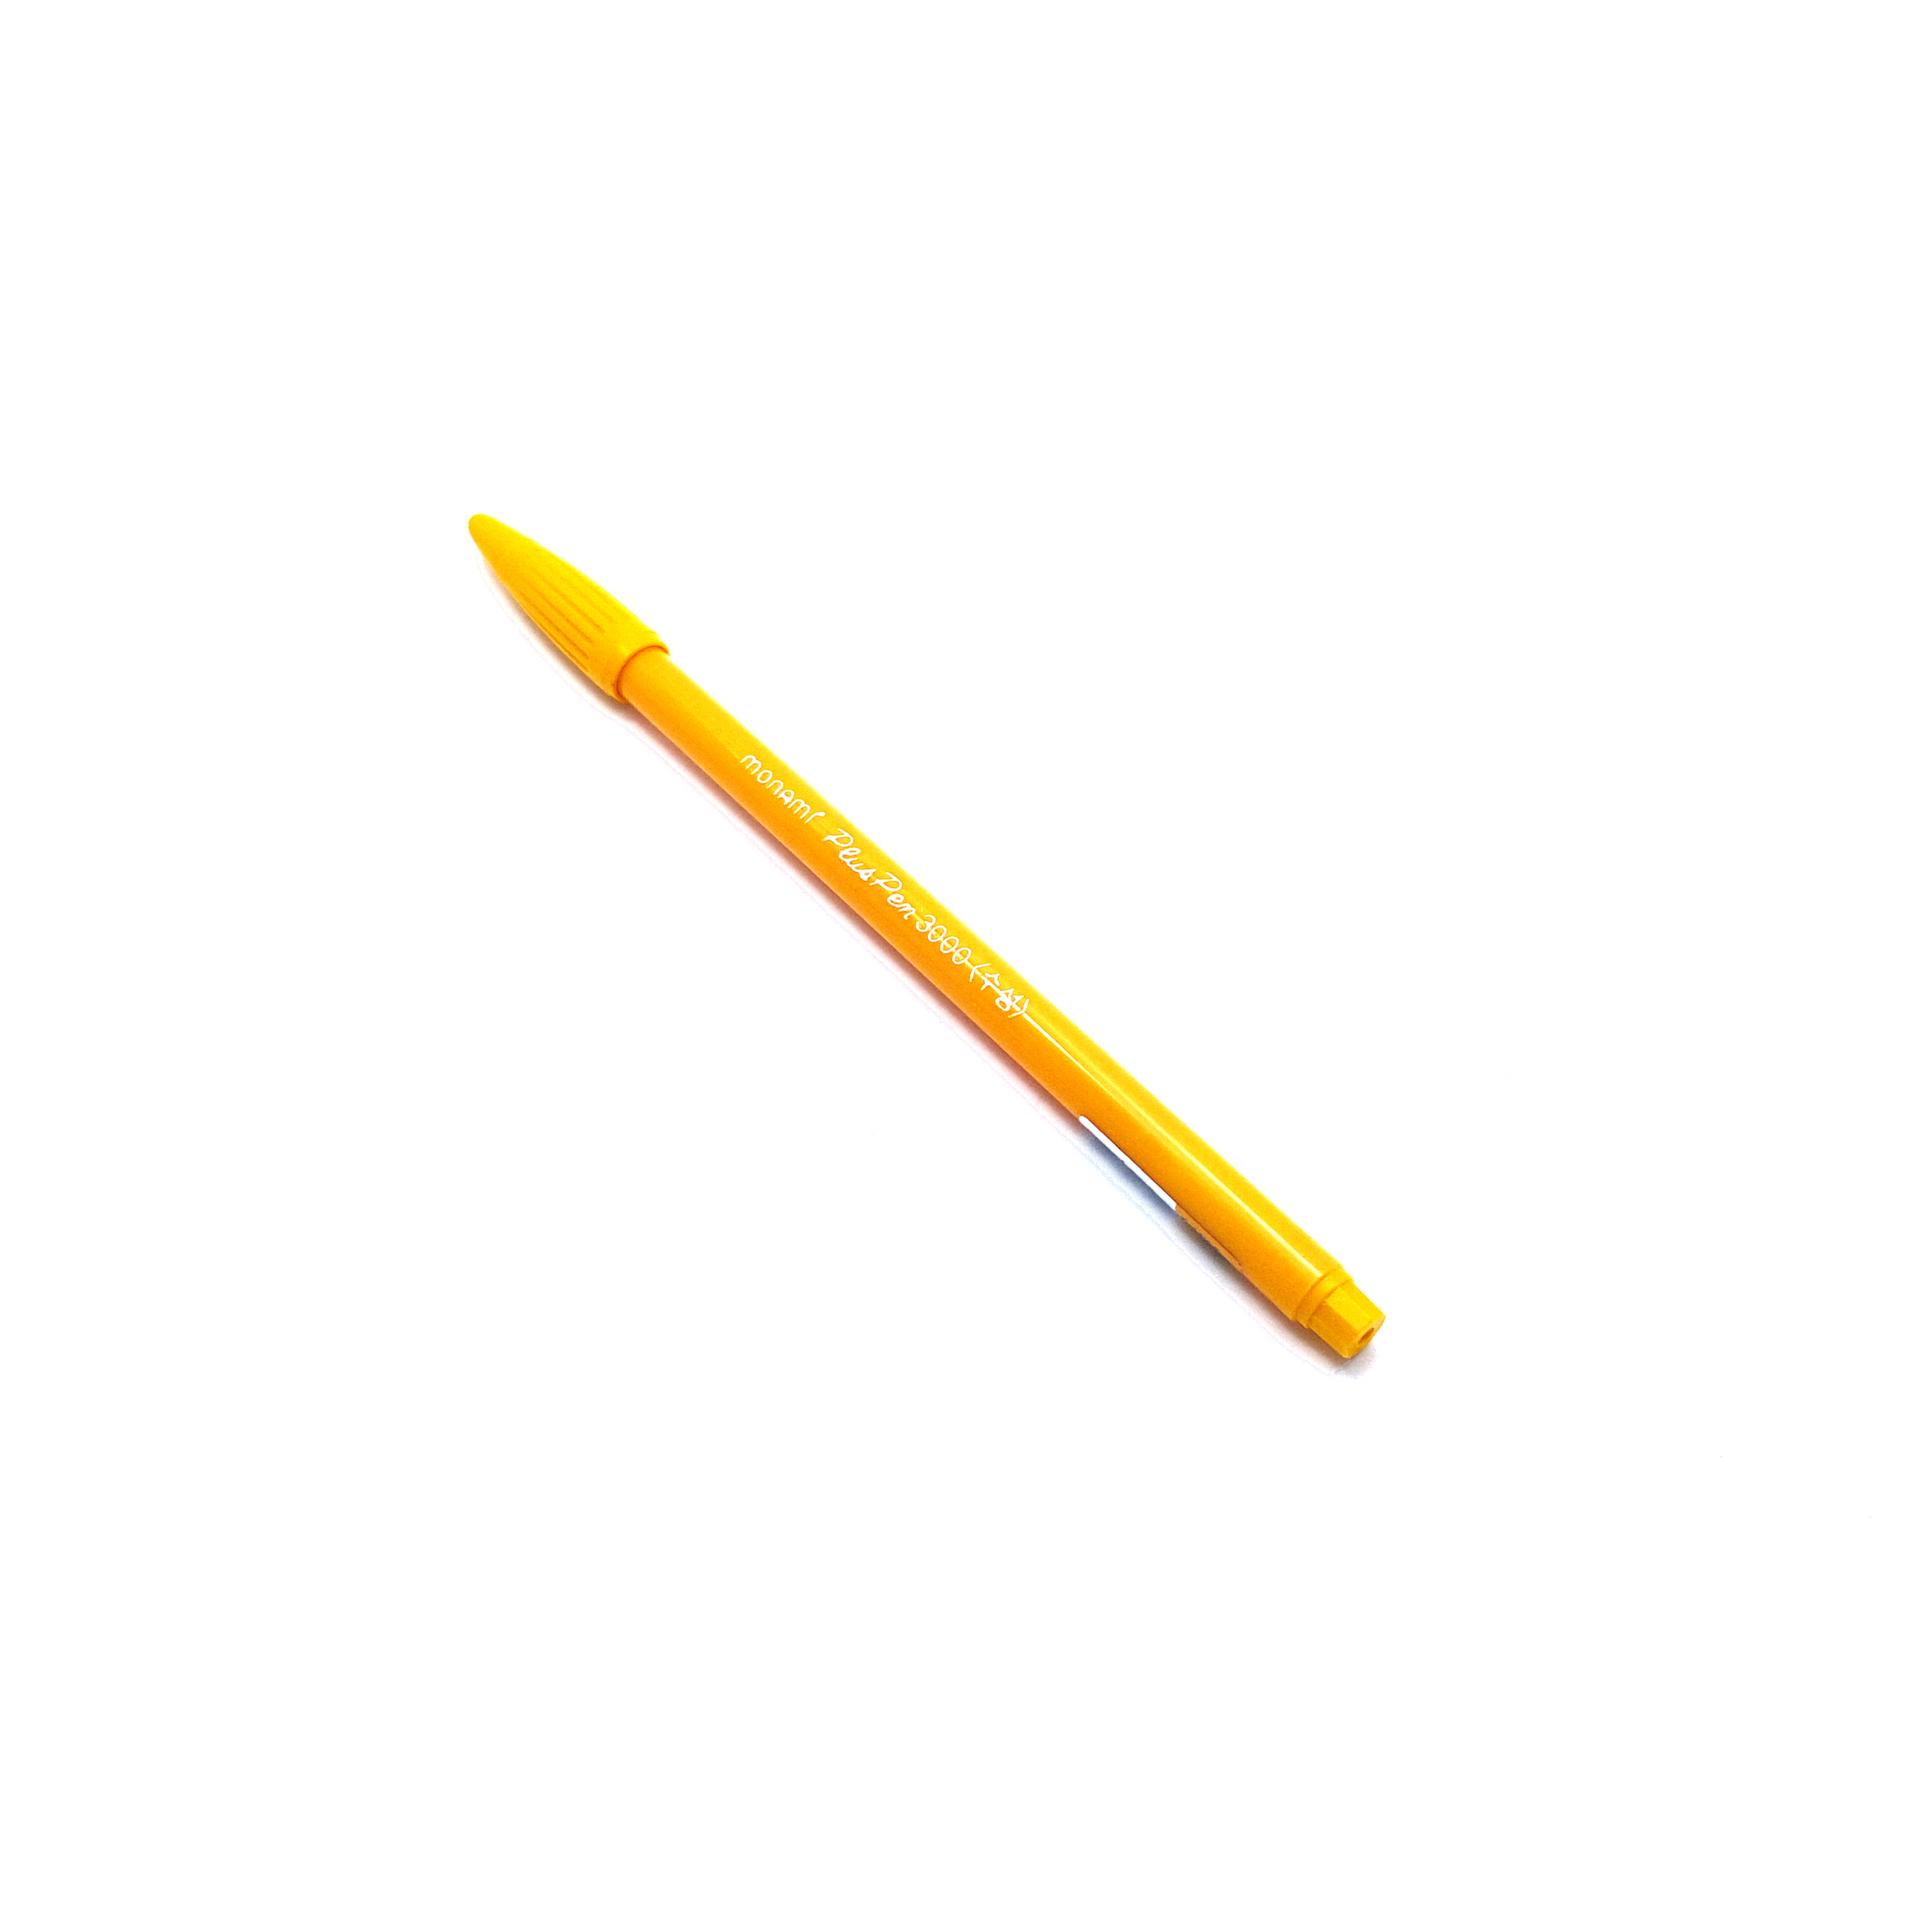 ปากกาสี Monami PlusPen 3000 - No.57 Gold Yellow